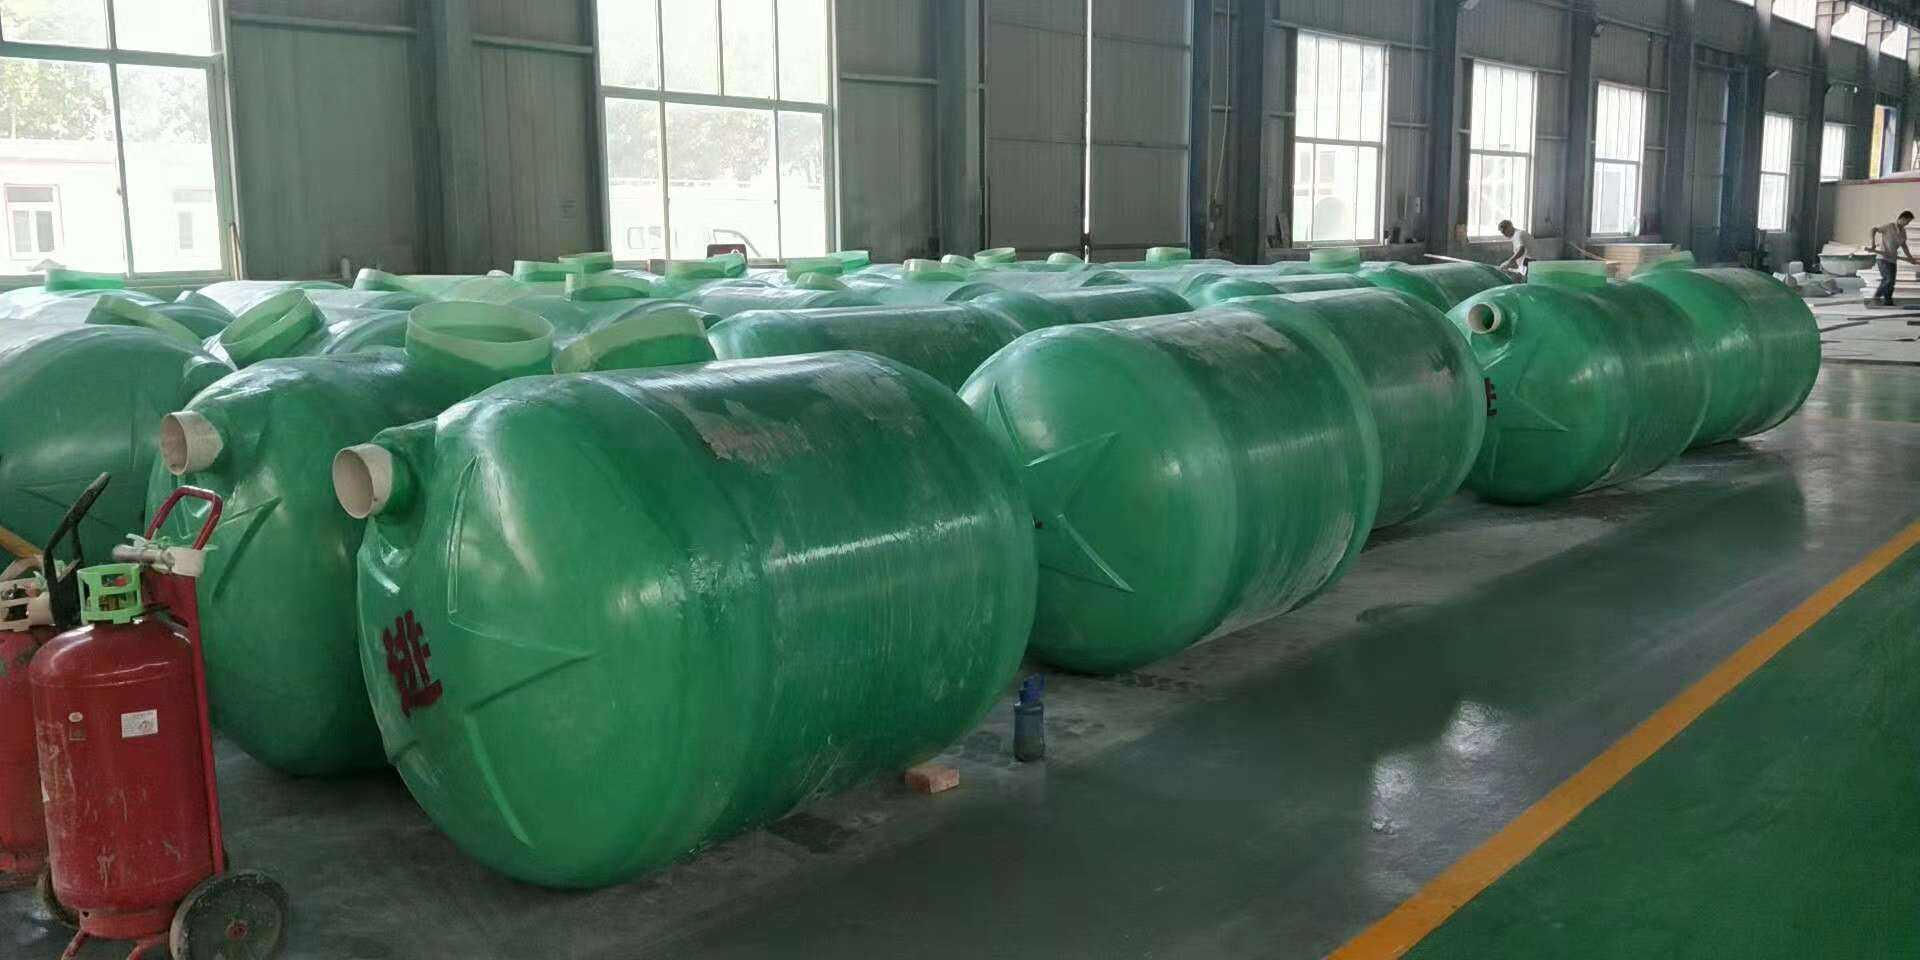 乐山玻璃钢化粪池厂家